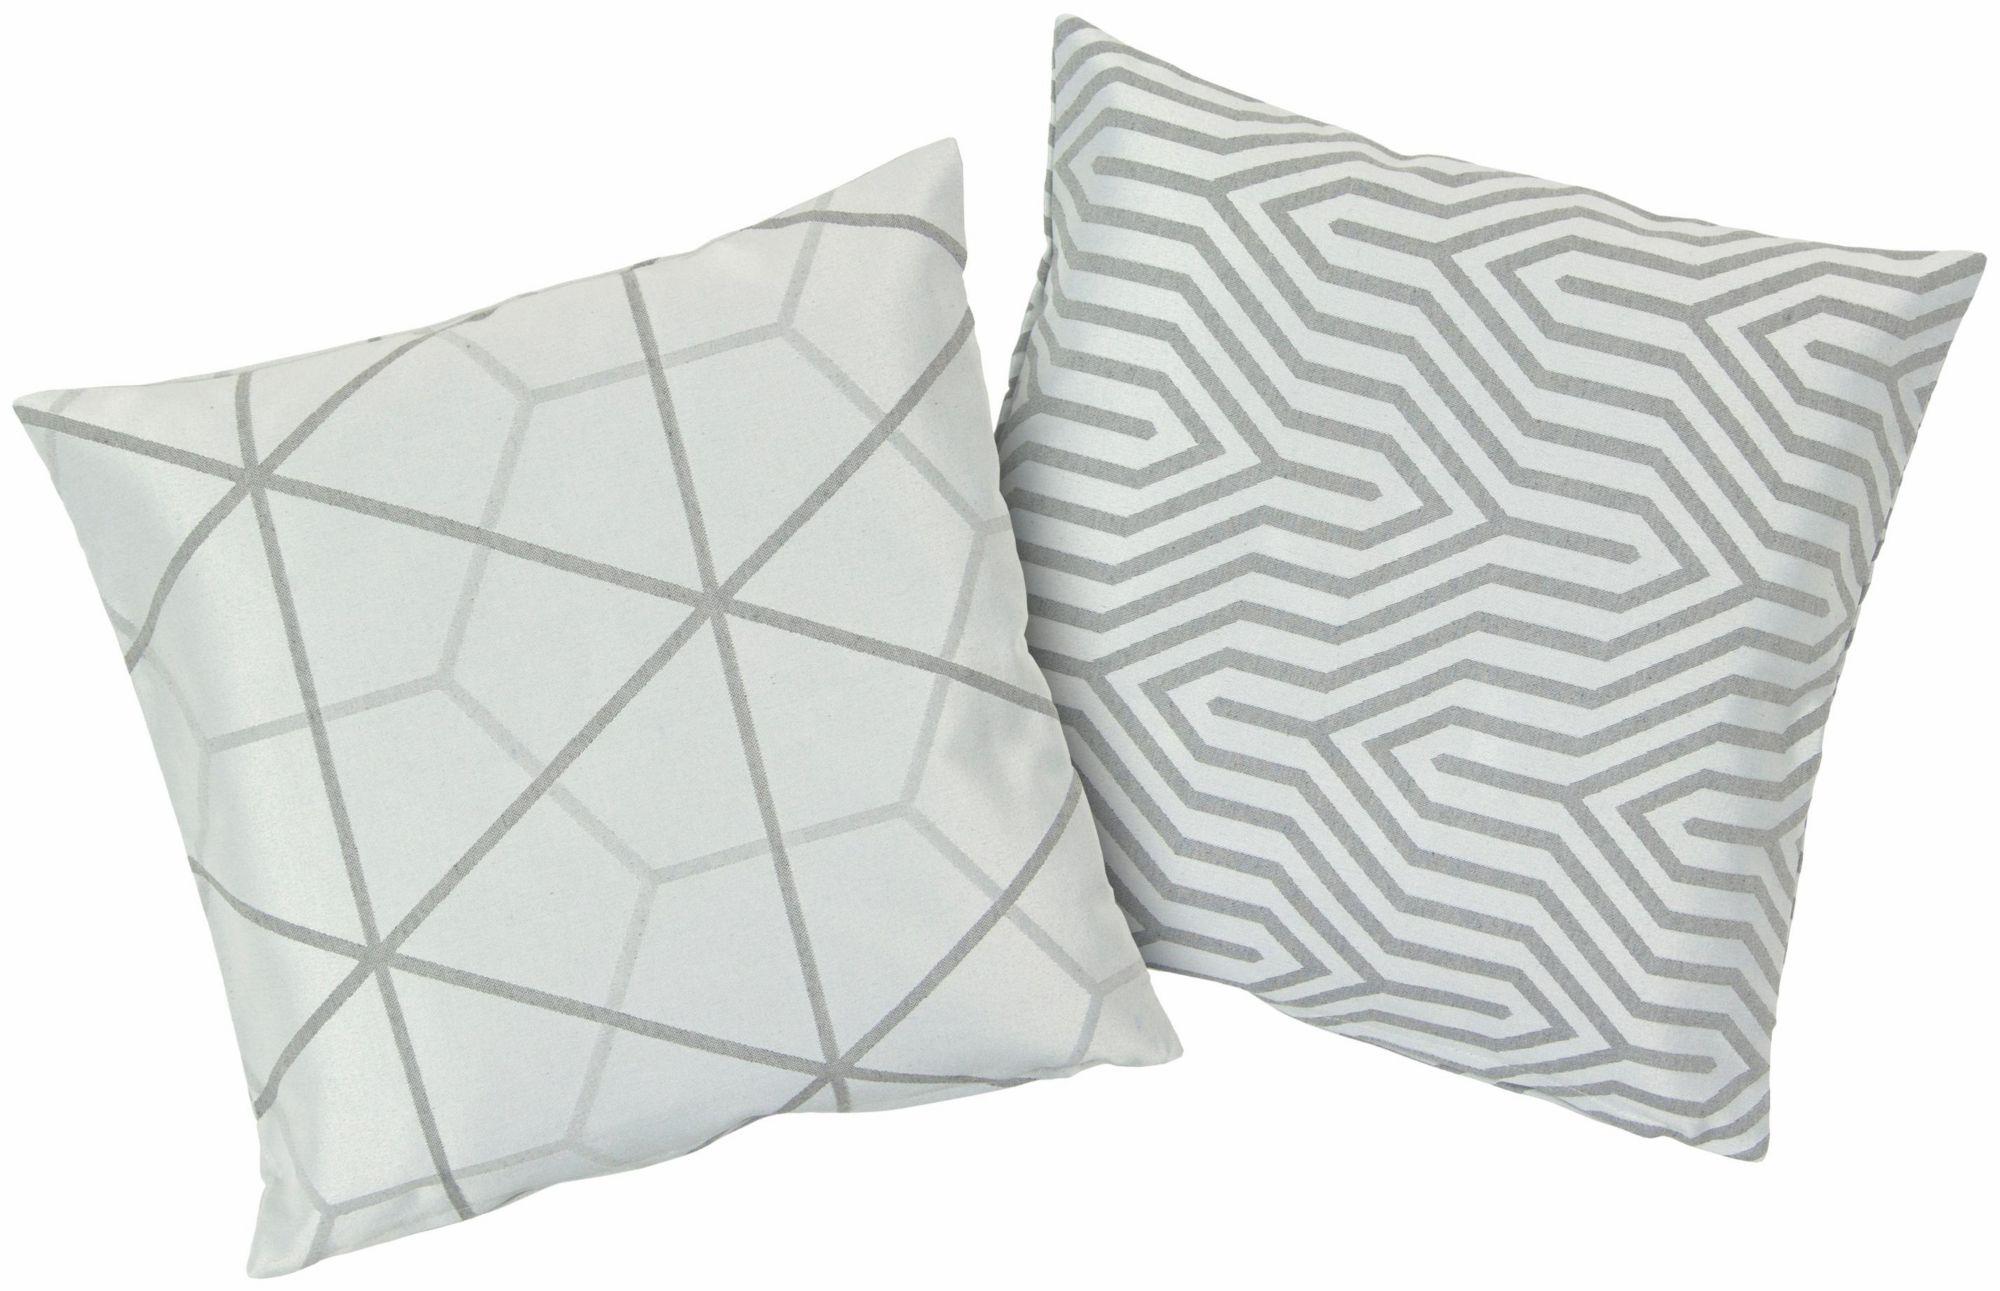 HAGEMANN Kissenbezüge, Hagemann, »Azra«, 2 Stück in unterschiedlichem Design